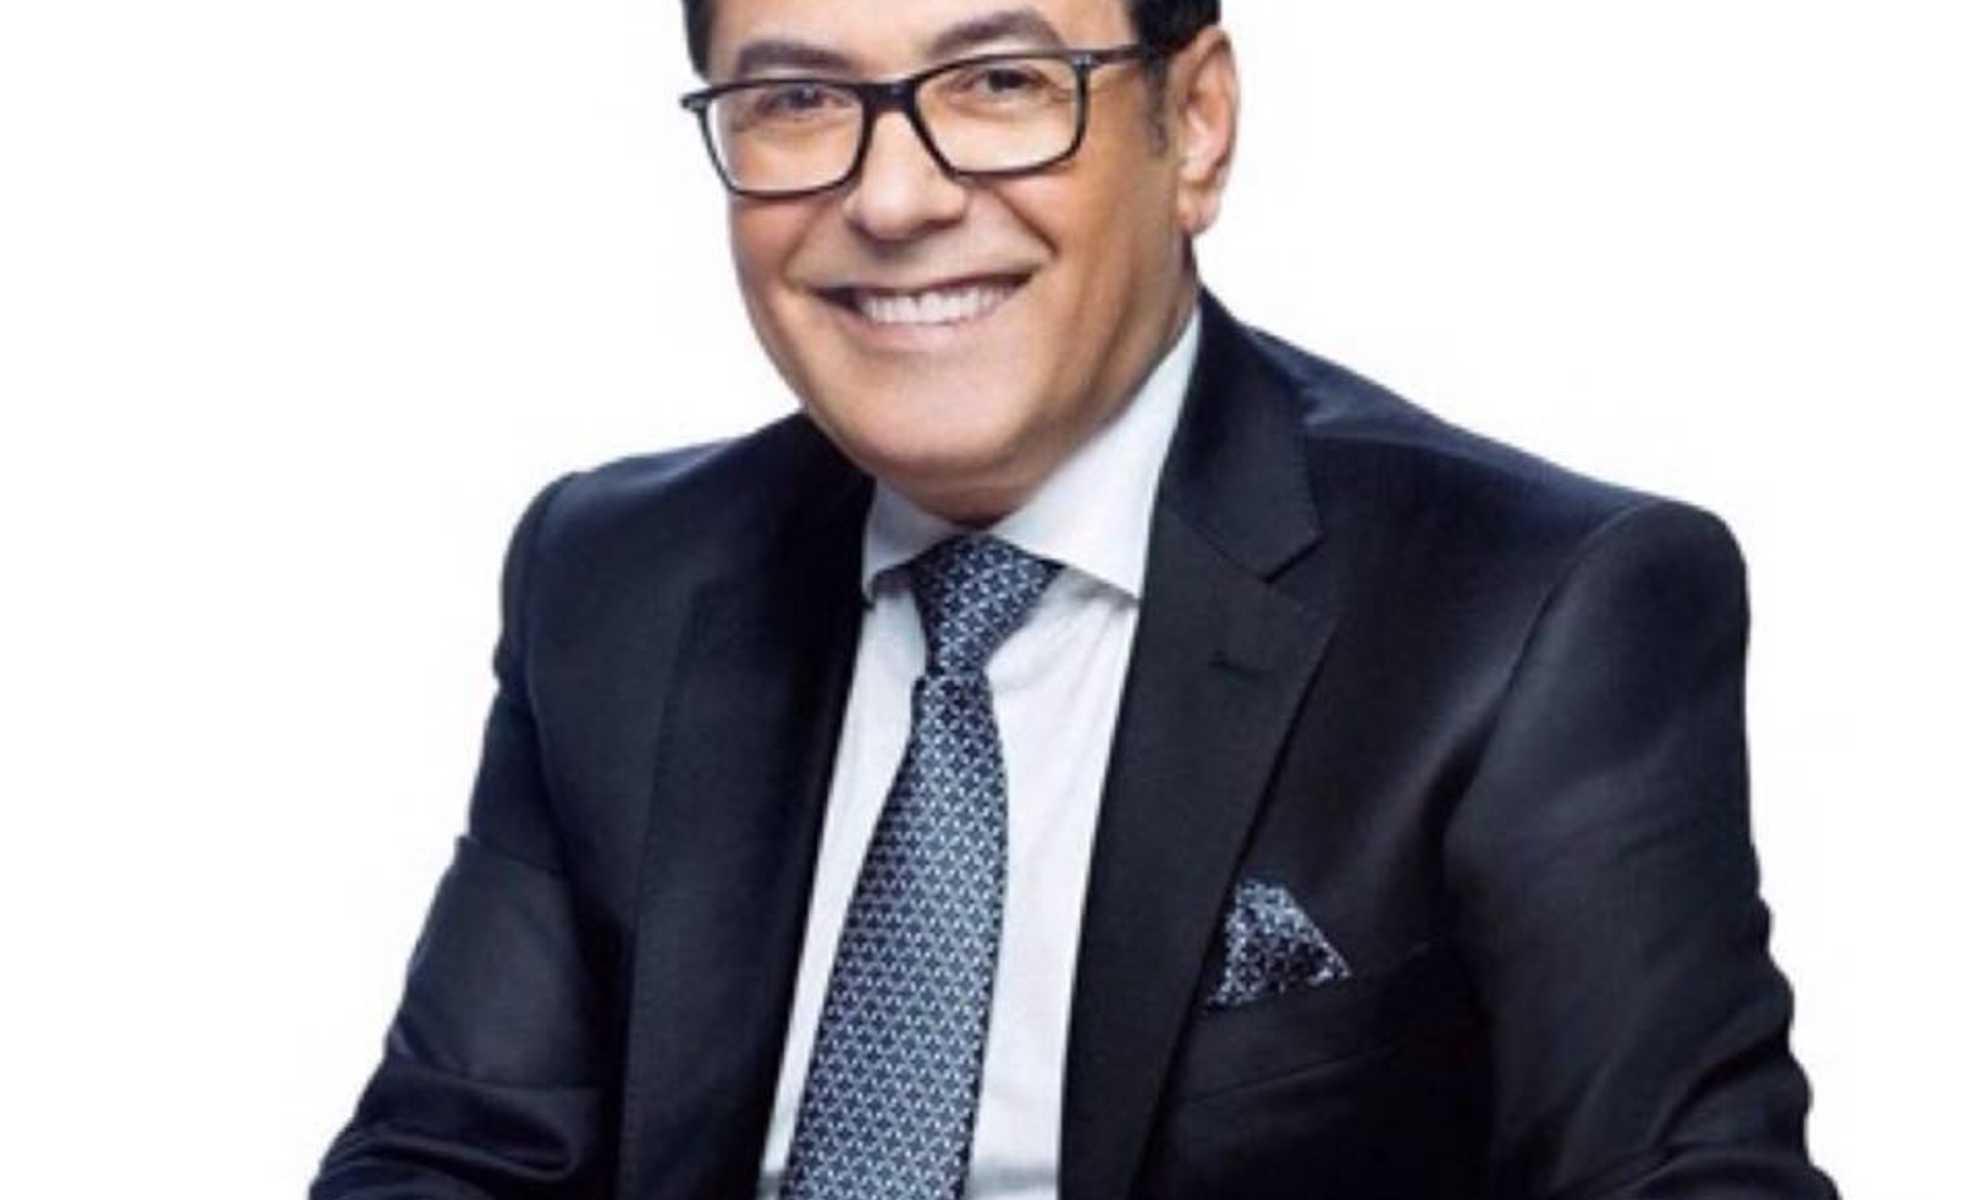 مصر إخلاء سبيل خيري رمضان بكفالة الحرة